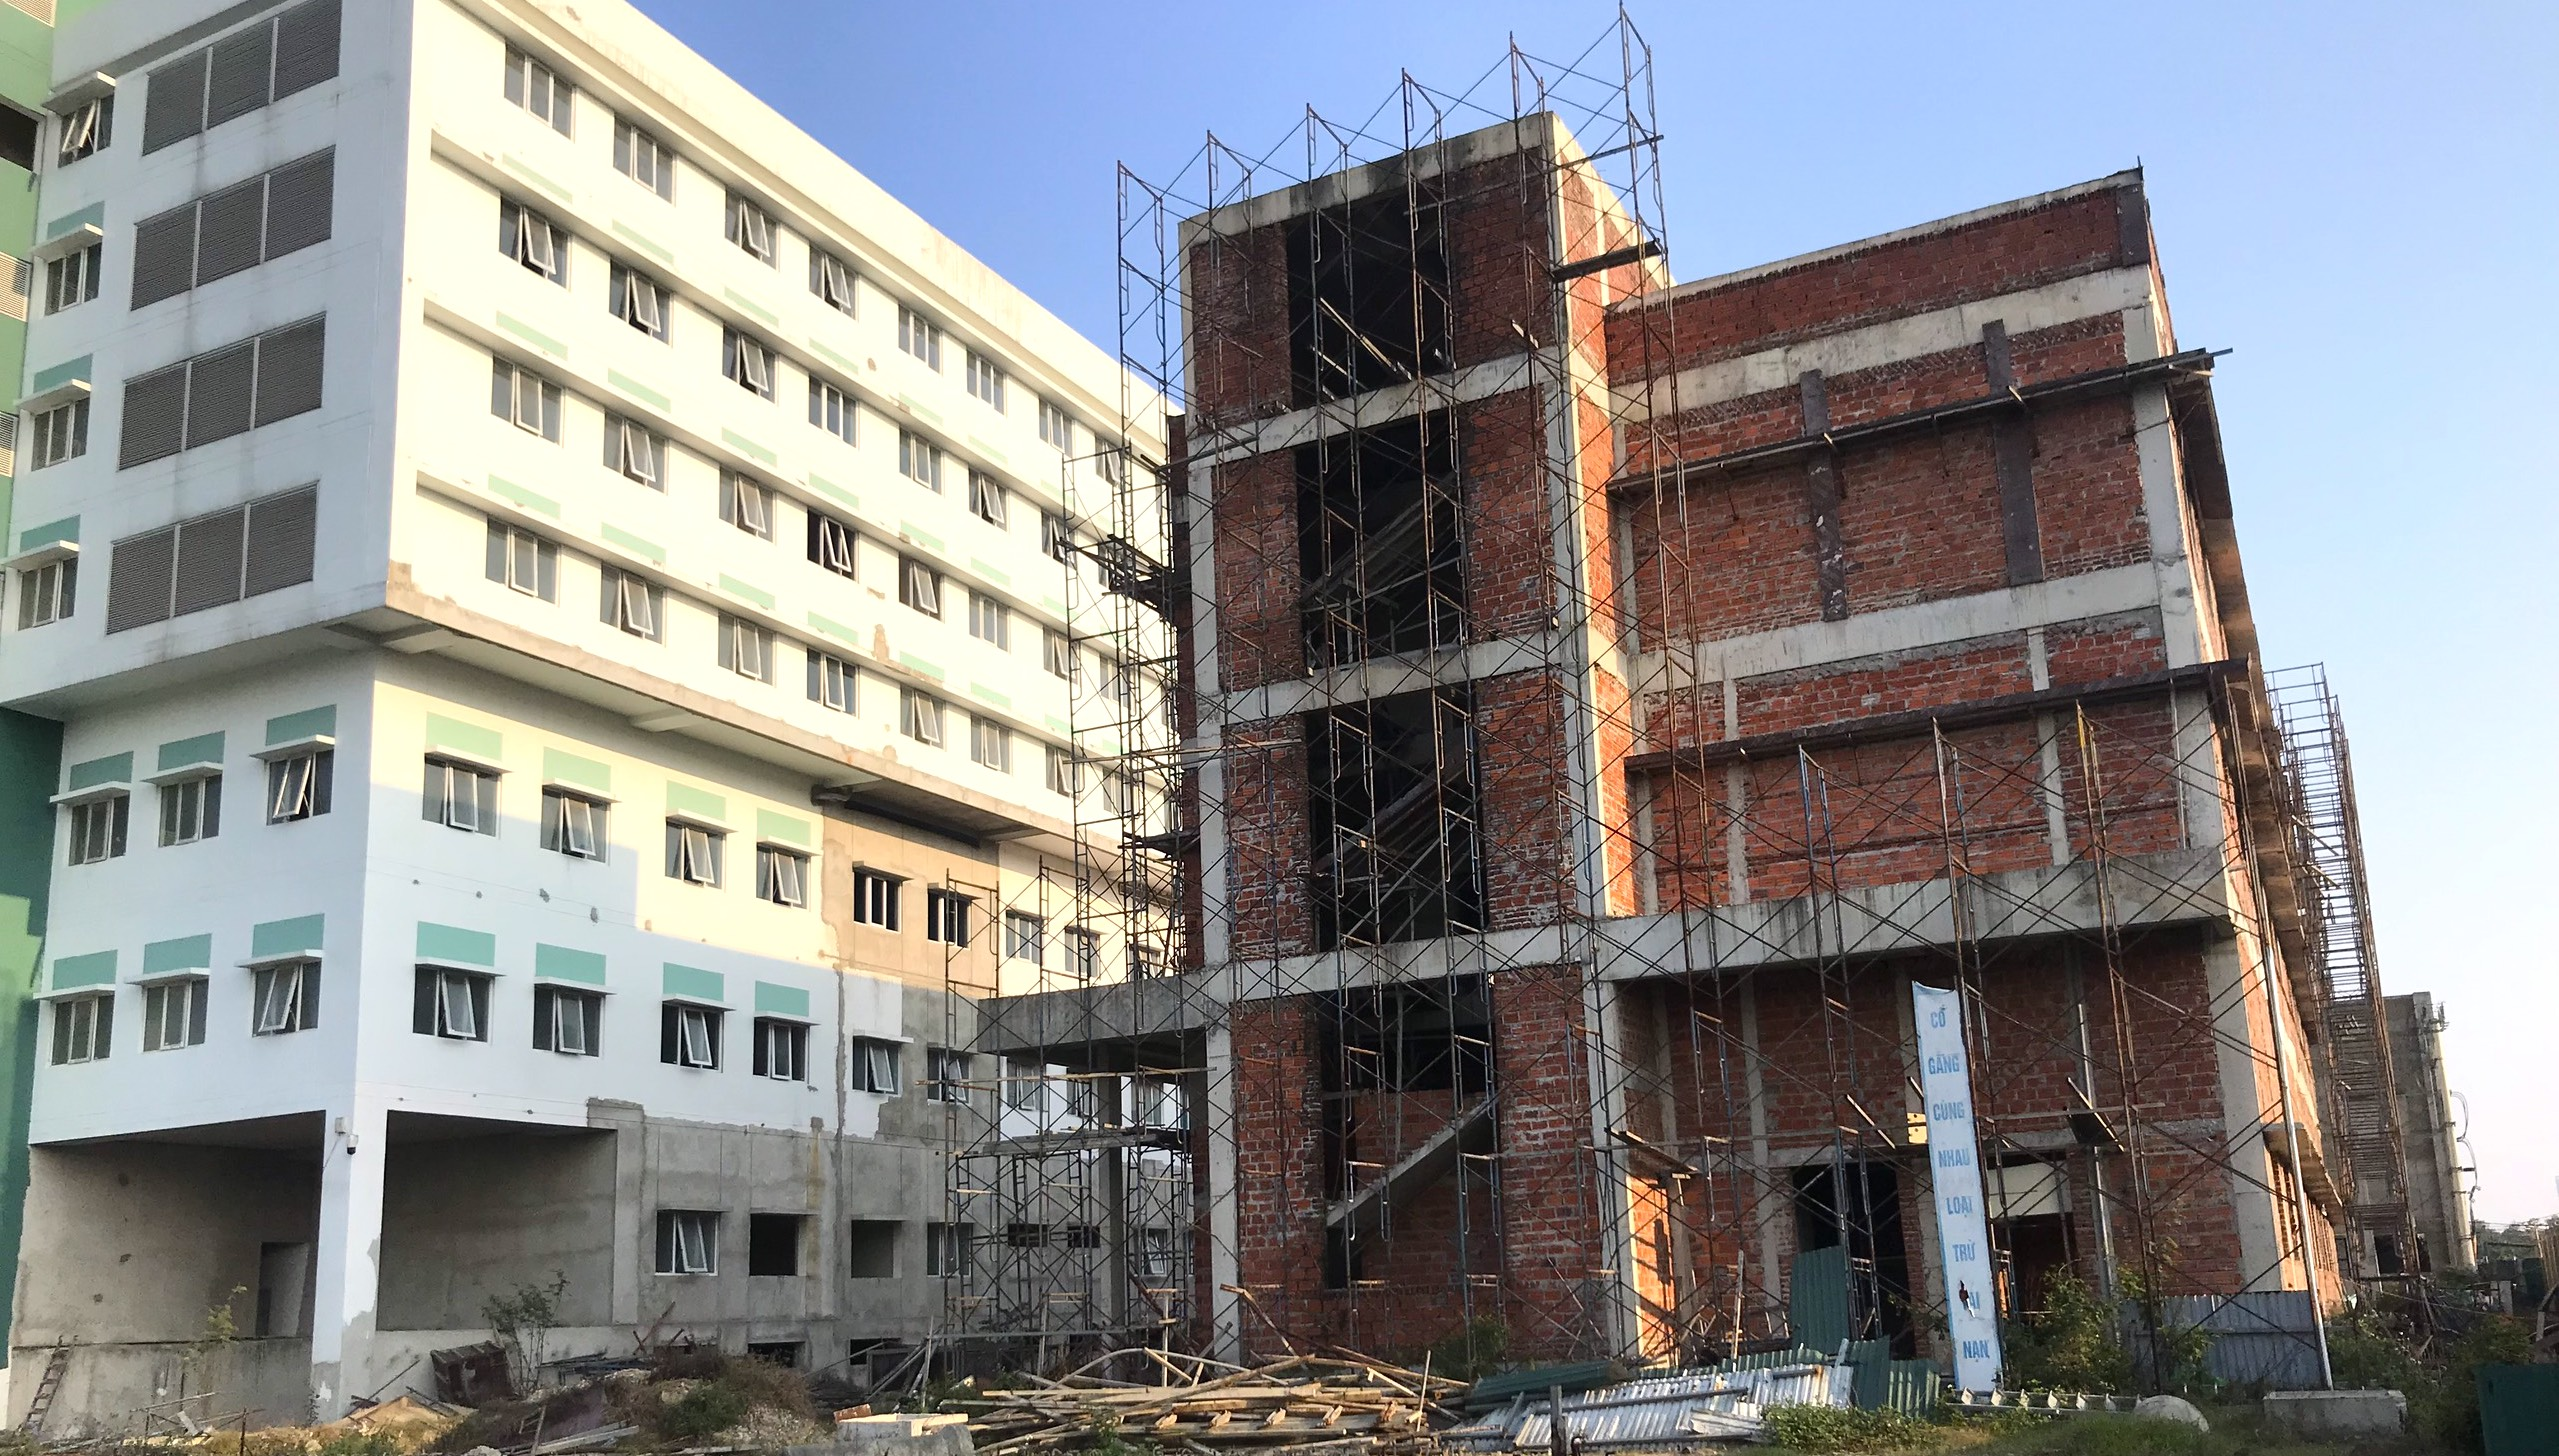 Cảnh nhếch nhác, cỏ mọc um tùm trong dự án bệnh viện nghìn tỷ lớn nhất Bắc Trung Bộ - Ảnh 7.